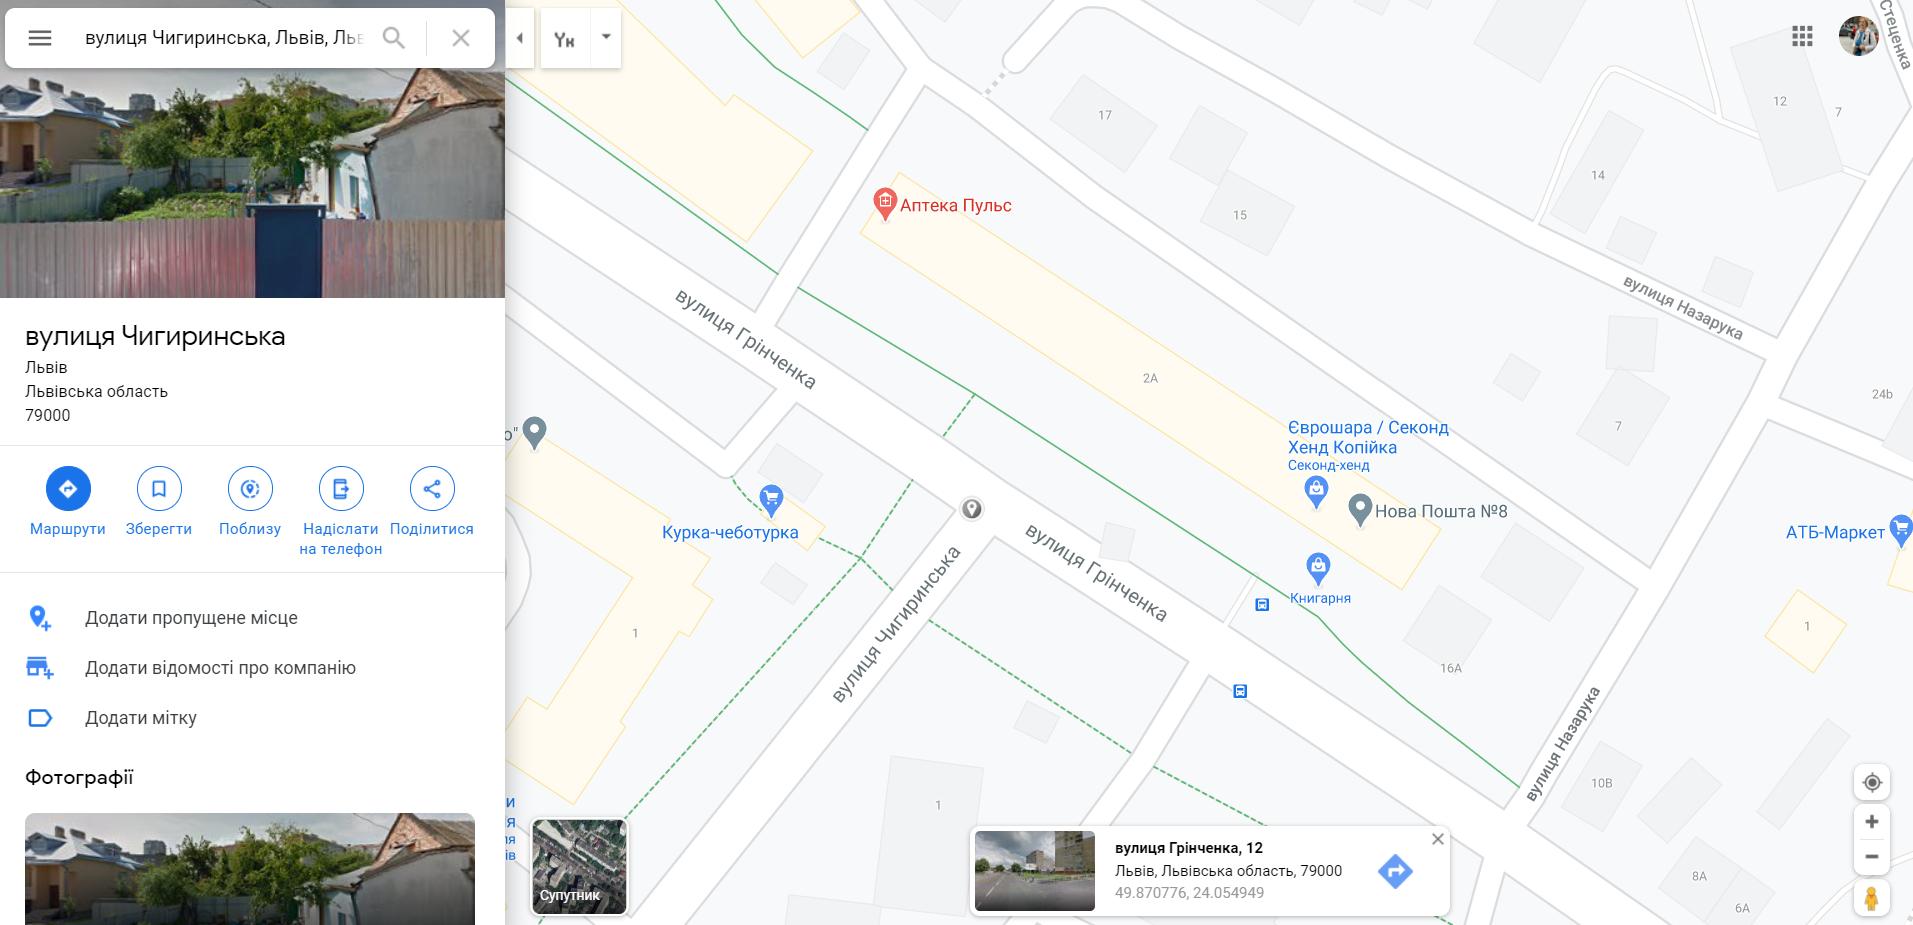 Трагедія сталася у Львові на перехресті вулиць Гринченка та Чигиринської